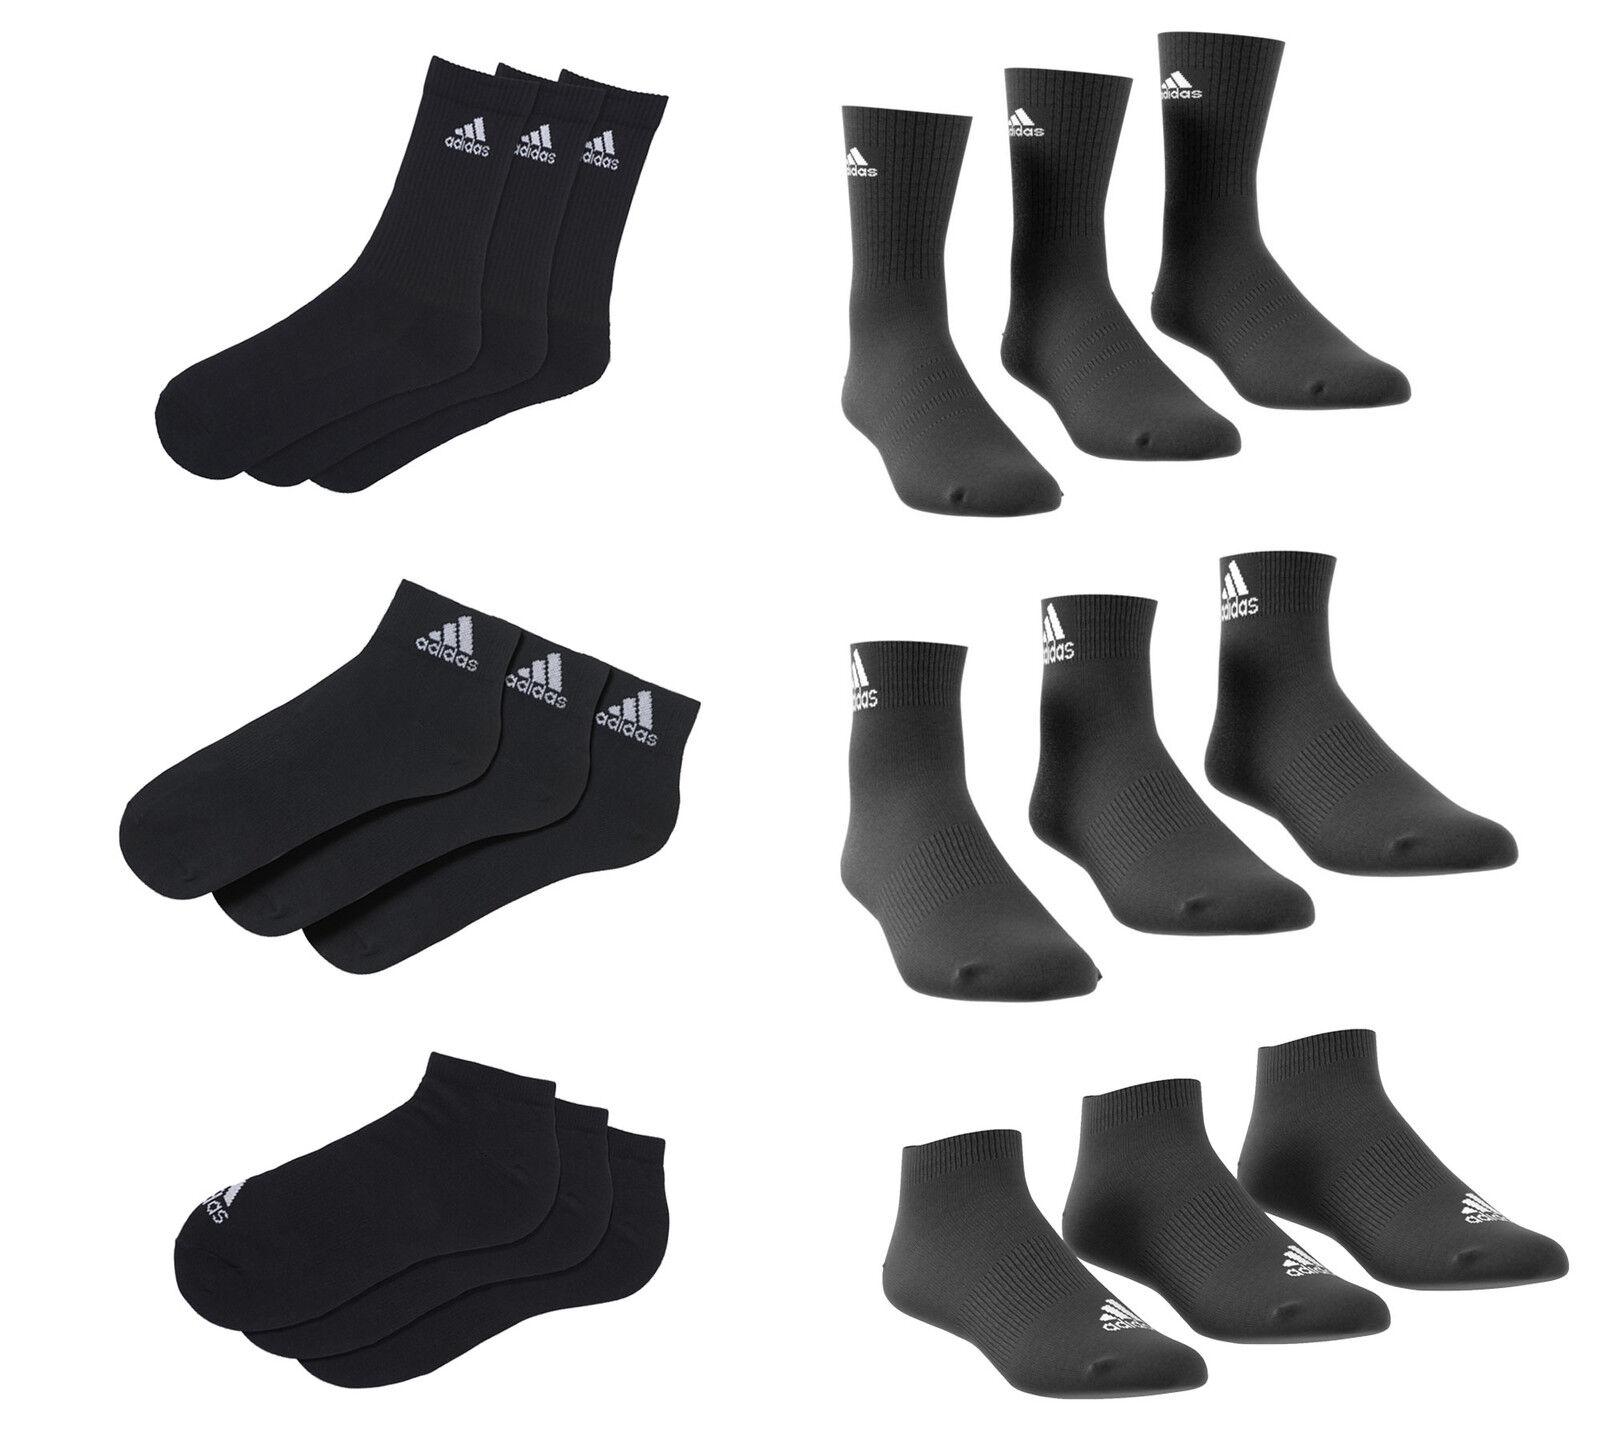 Adidas Sneaker / Quarter / Sport Socken 3/6/9/12 Paar sortiert schwarz weiss